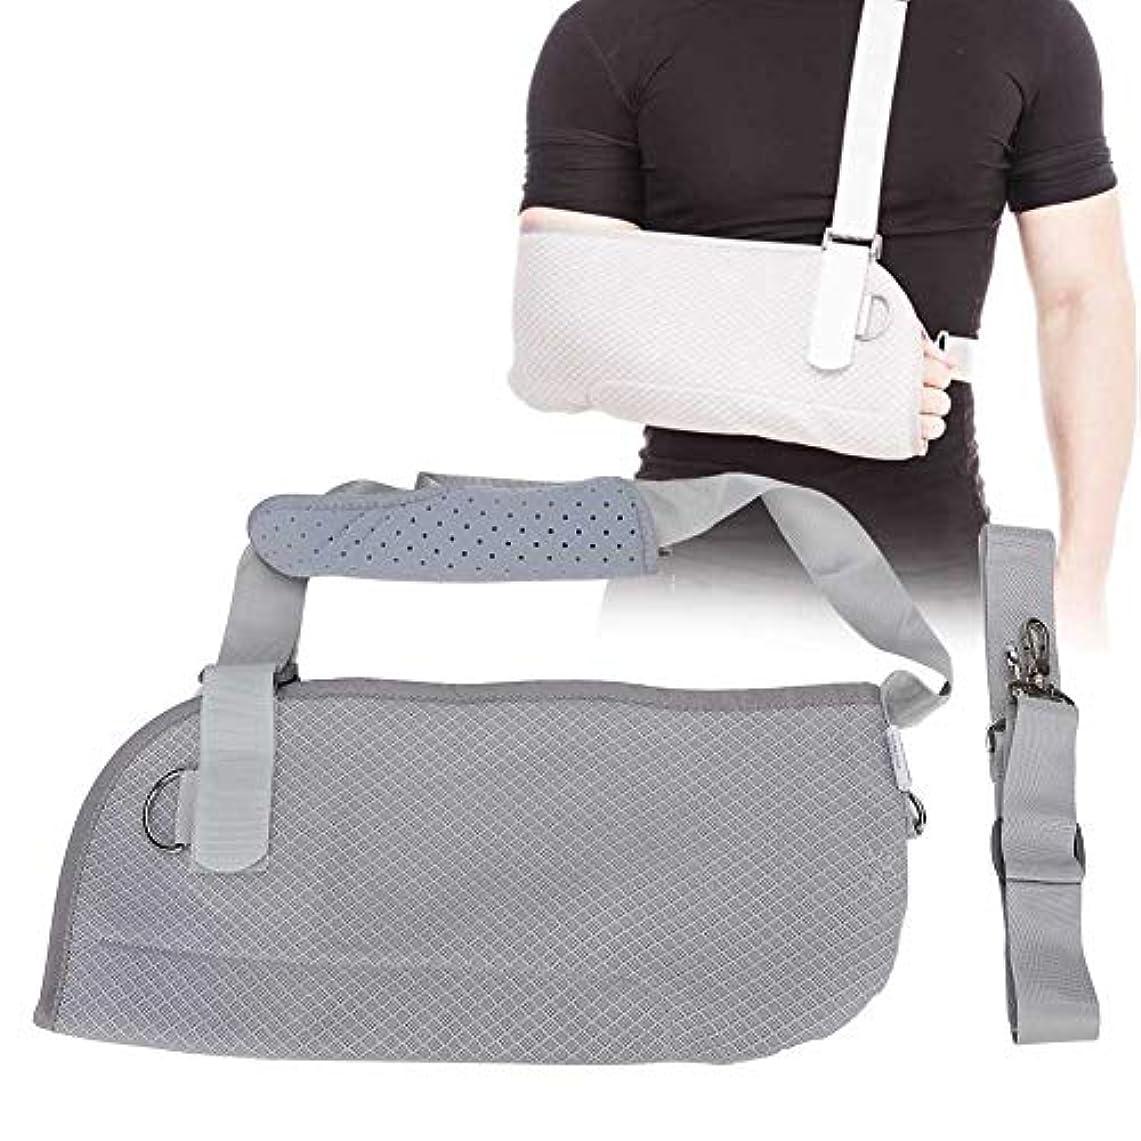 王室克服する姓腕のスリング、調節可能な上腕装具、亜脱臼、脱臼、捻挫、手首の捻挫、前腕骨折(グレー)